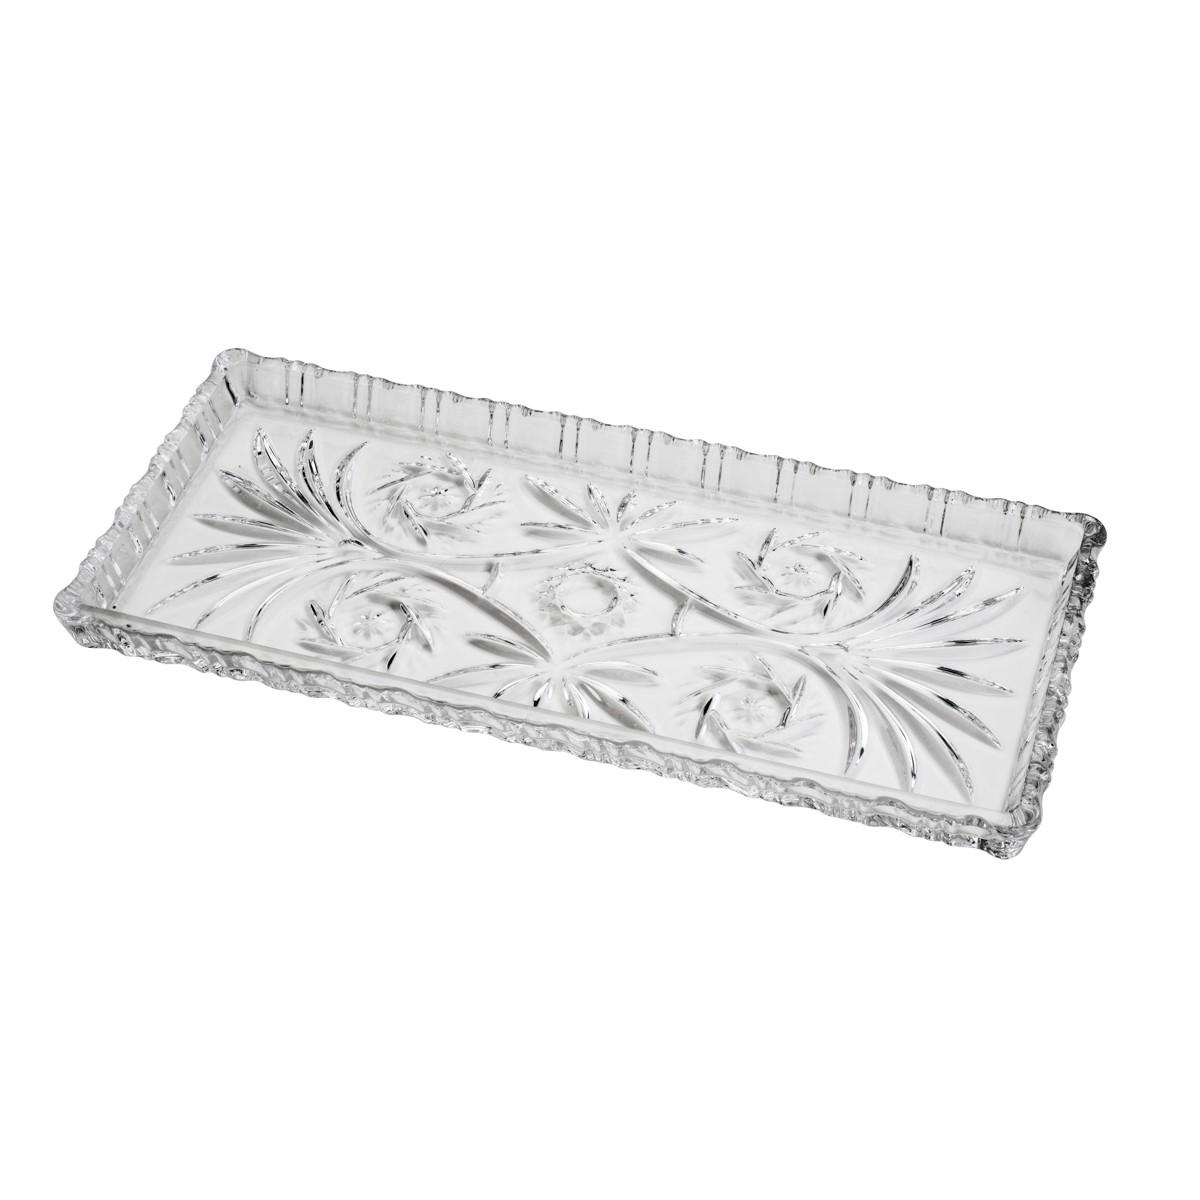 Travessa de Cristal Transparente 34x15cm - Lyor